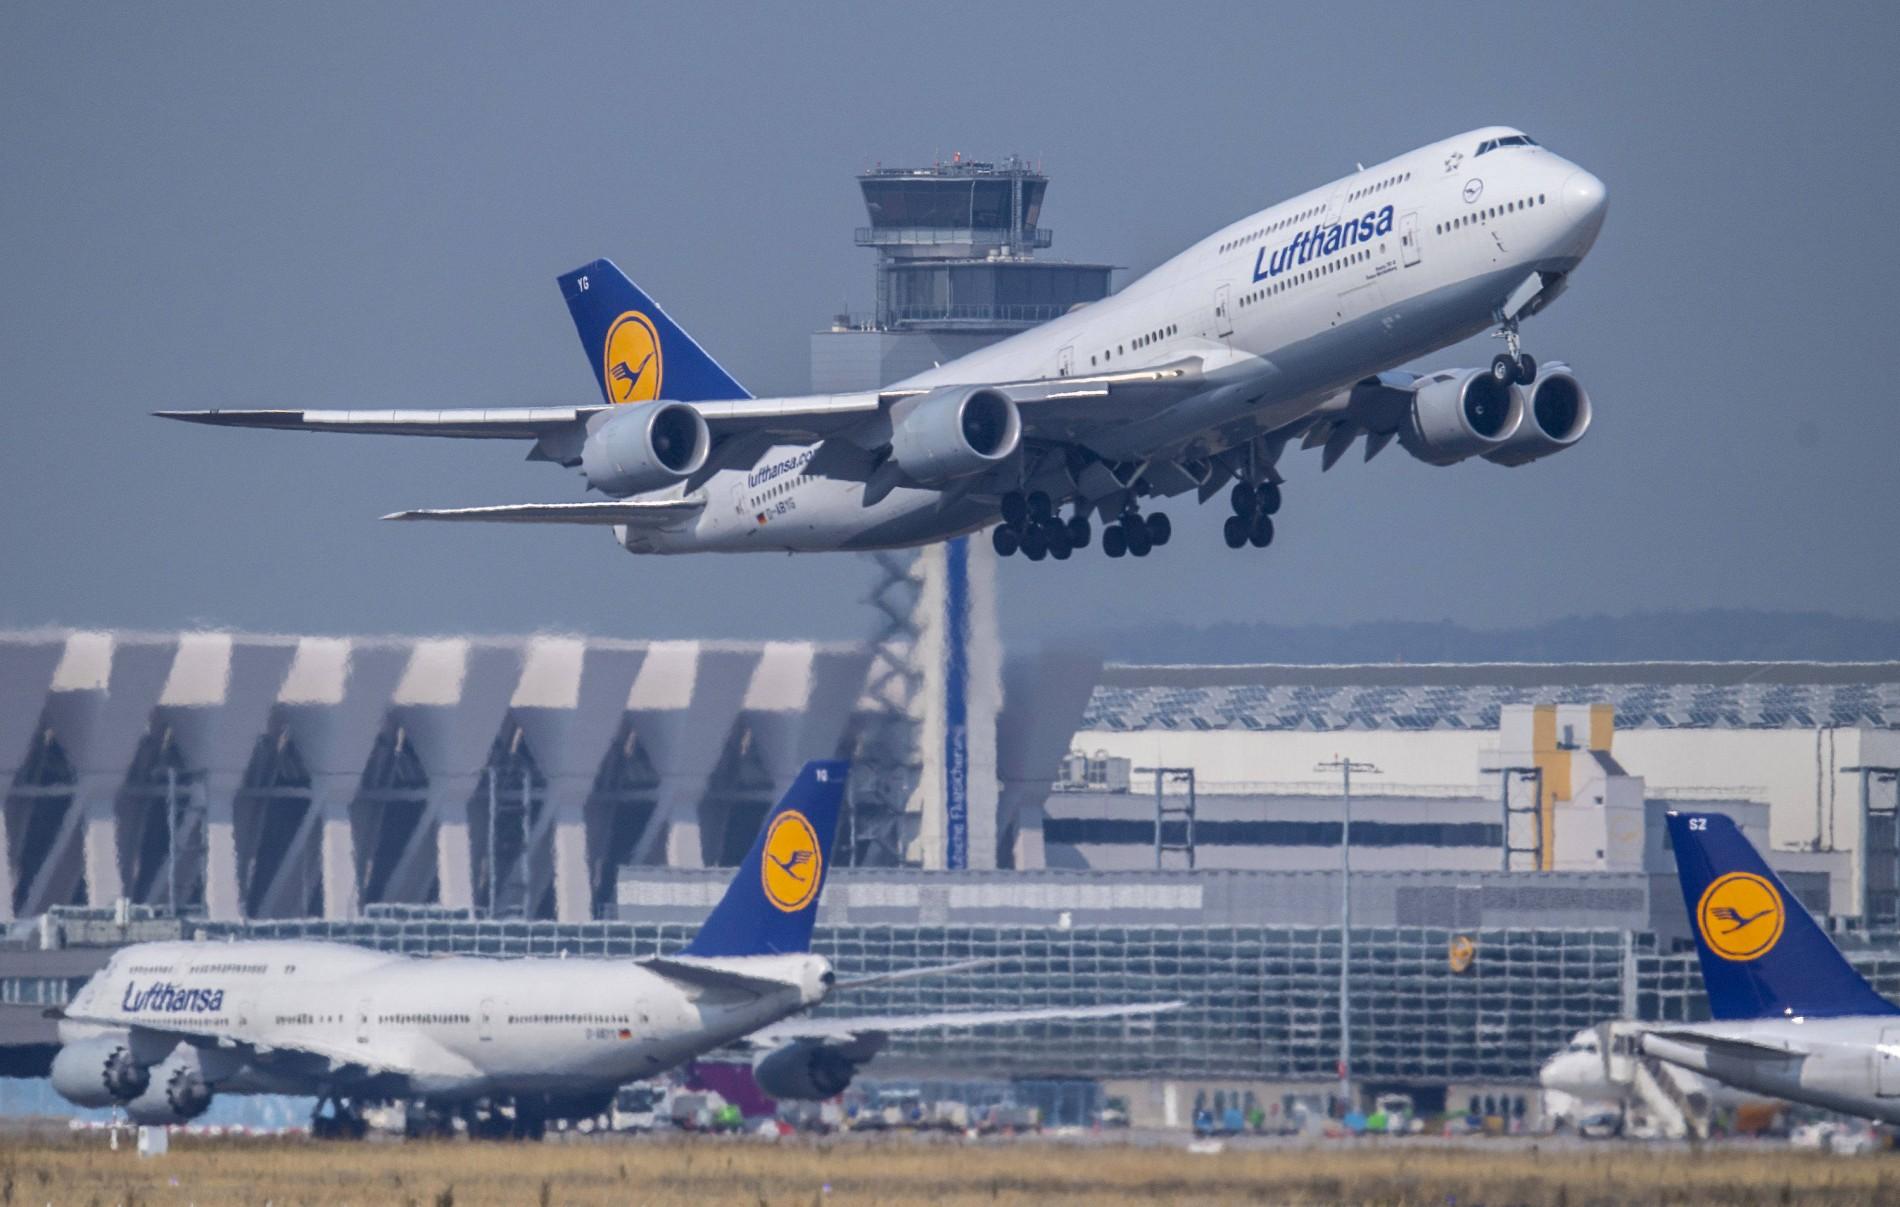 Regierungszögern de facto kriminell und erpresserisch  Mit den jährlichen Migrantenkosten wäre Lufthansa fünfmal zu retten!